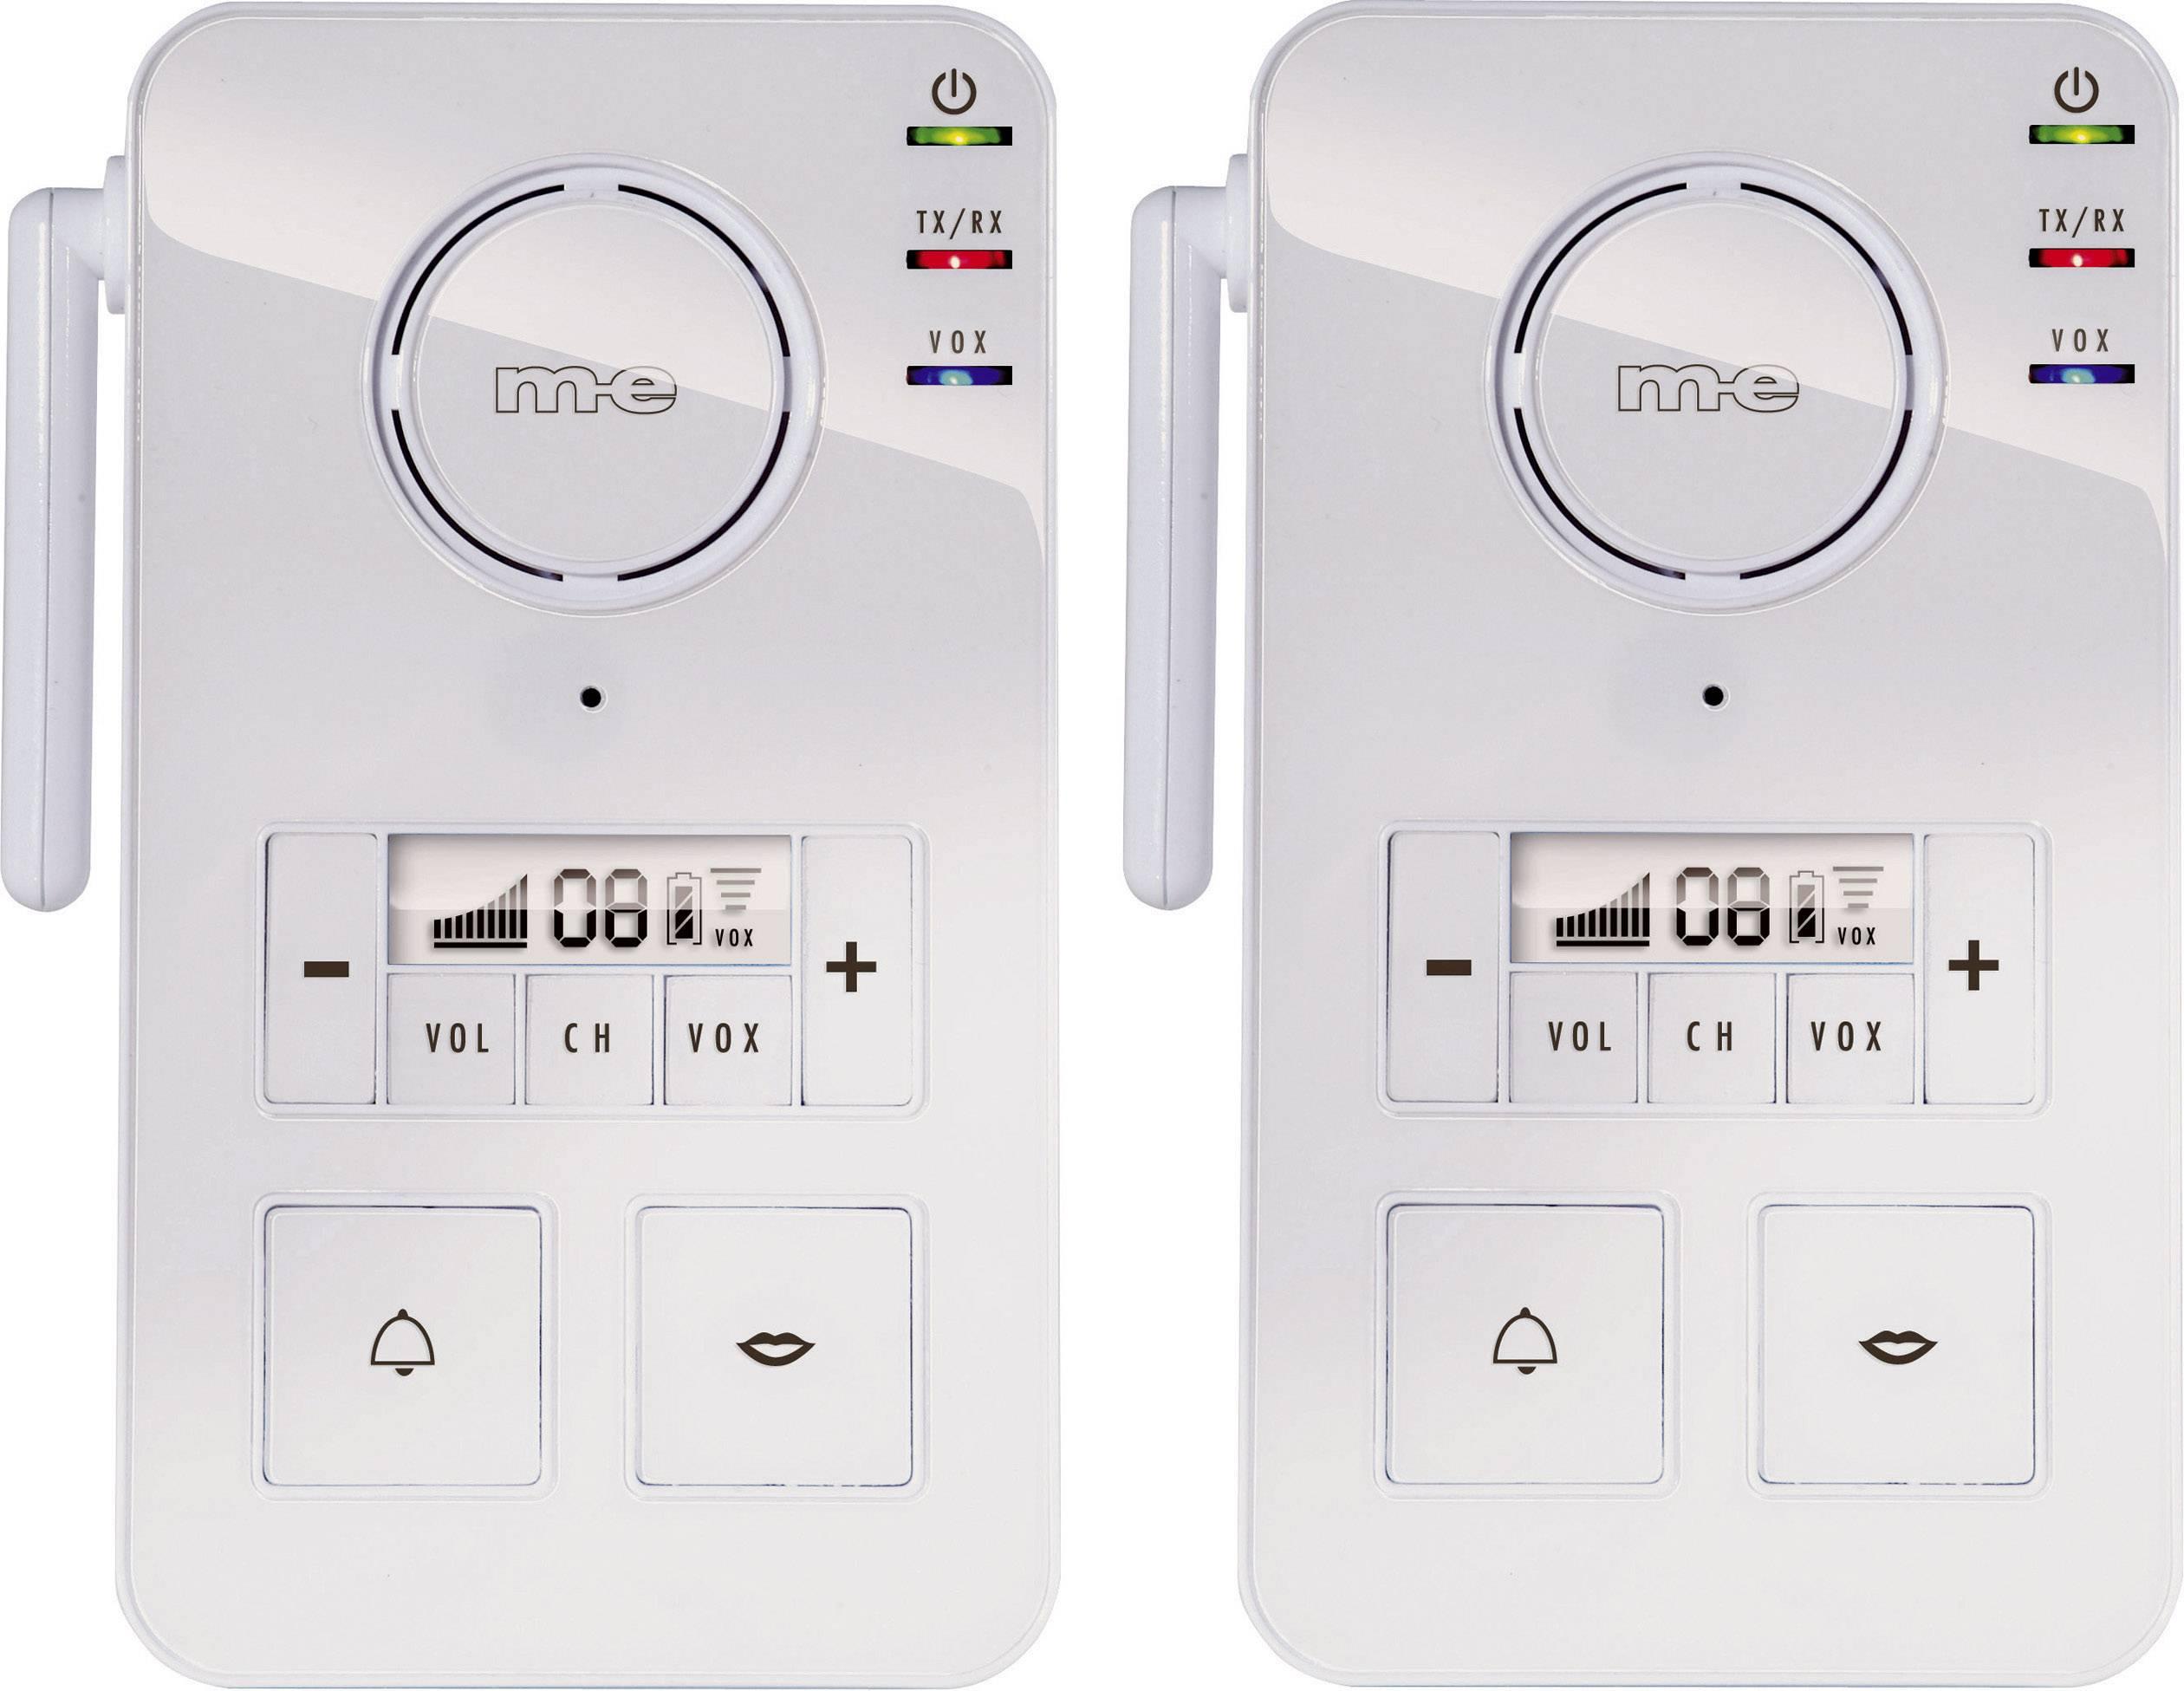 Bezdrôtové komunikačné zariadenie M-e GmbH FS 2.1, biele